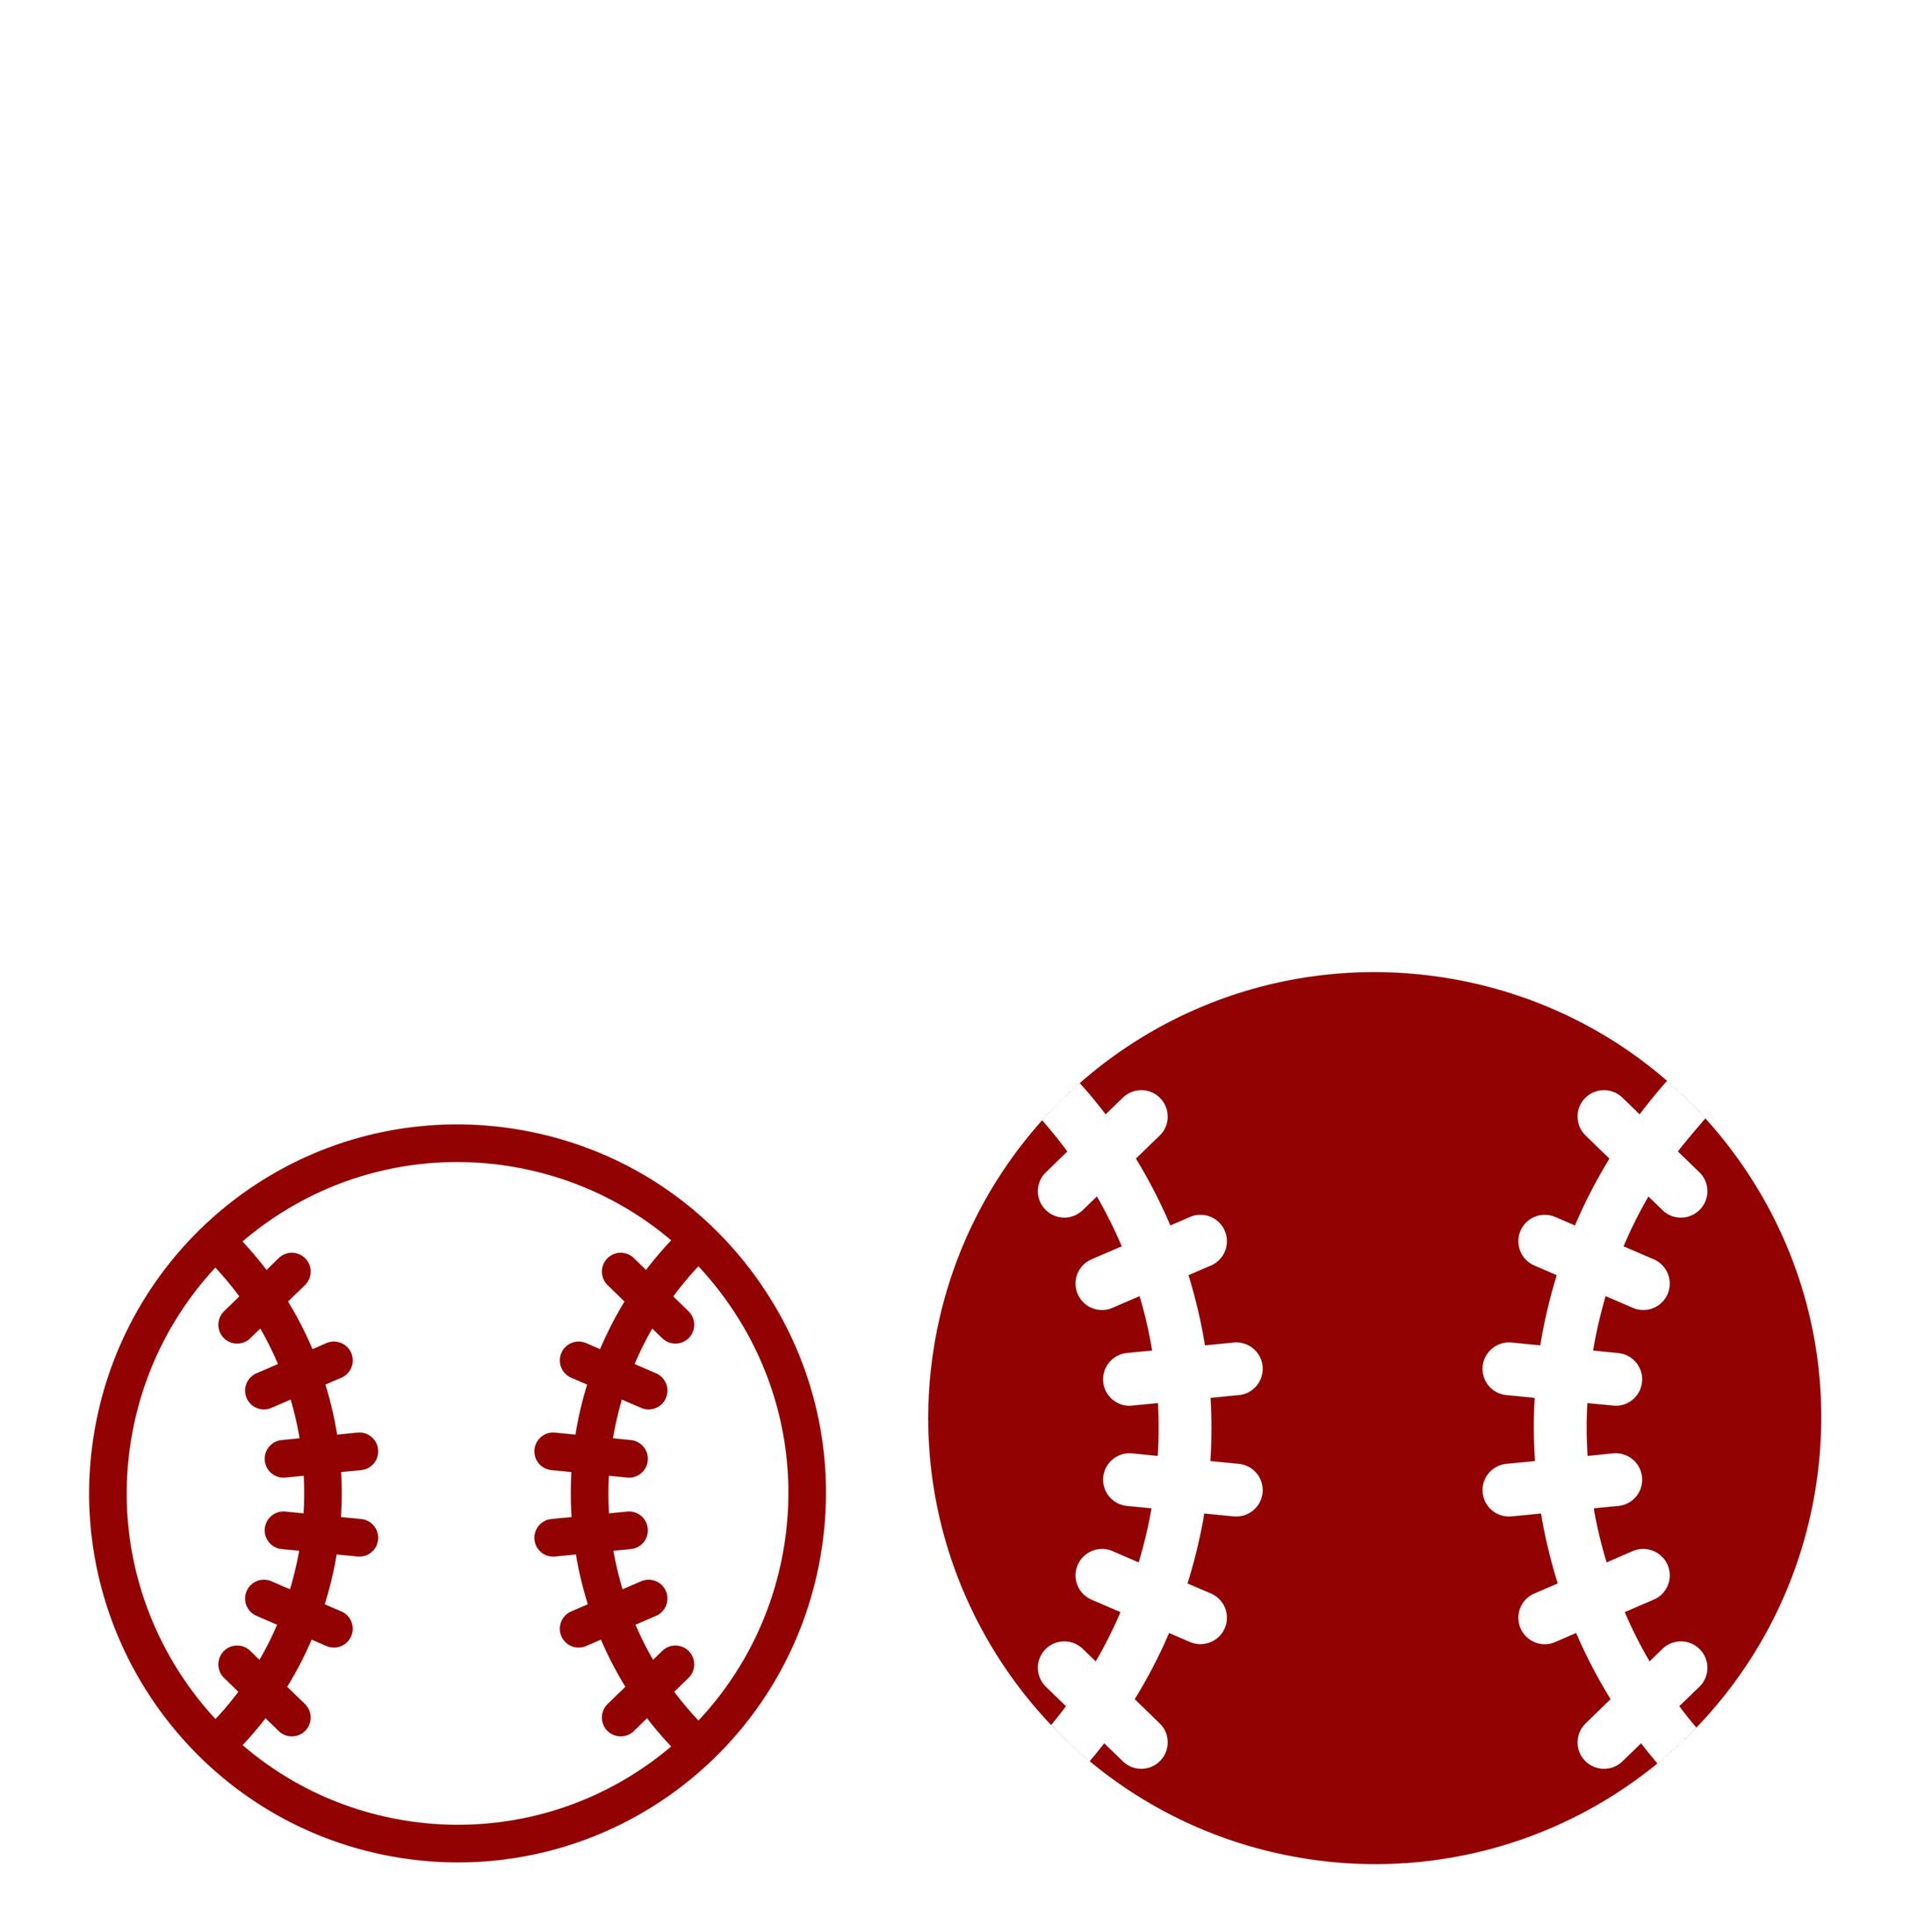 Baseball and Softball Bins.png